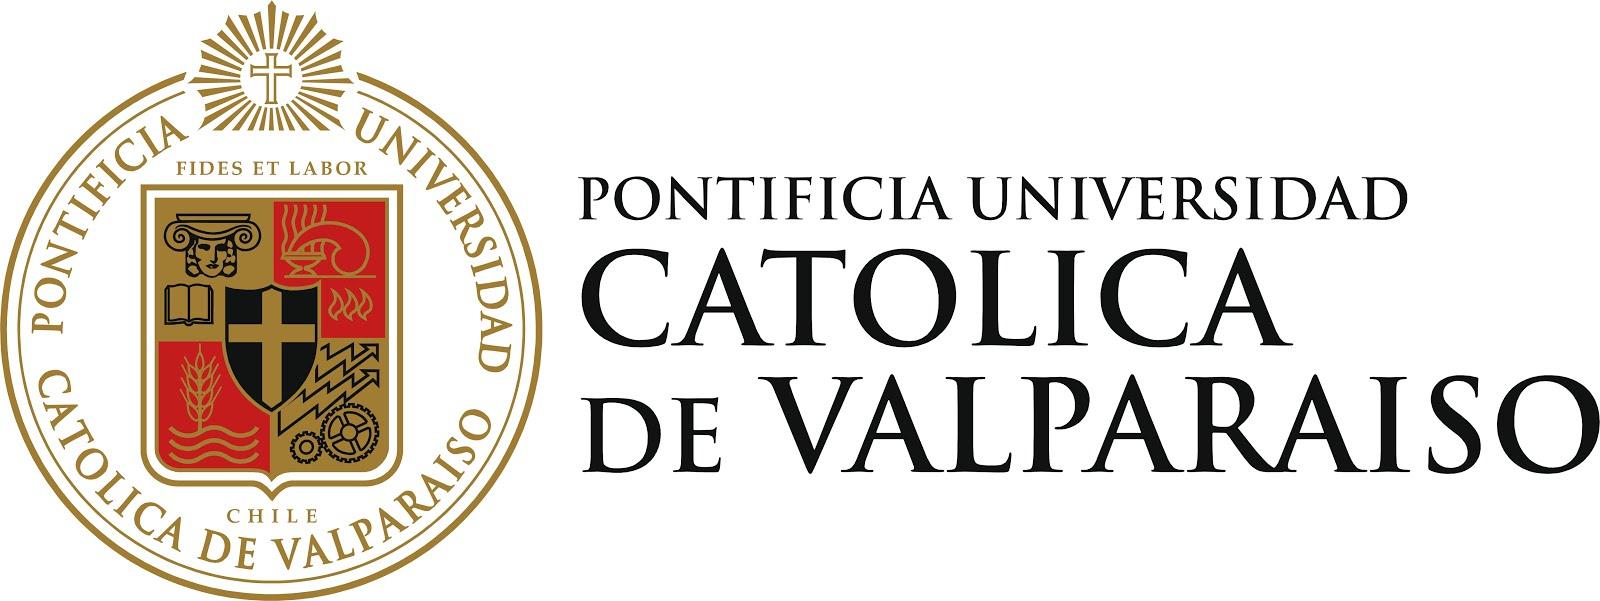 Nuestra Universidad